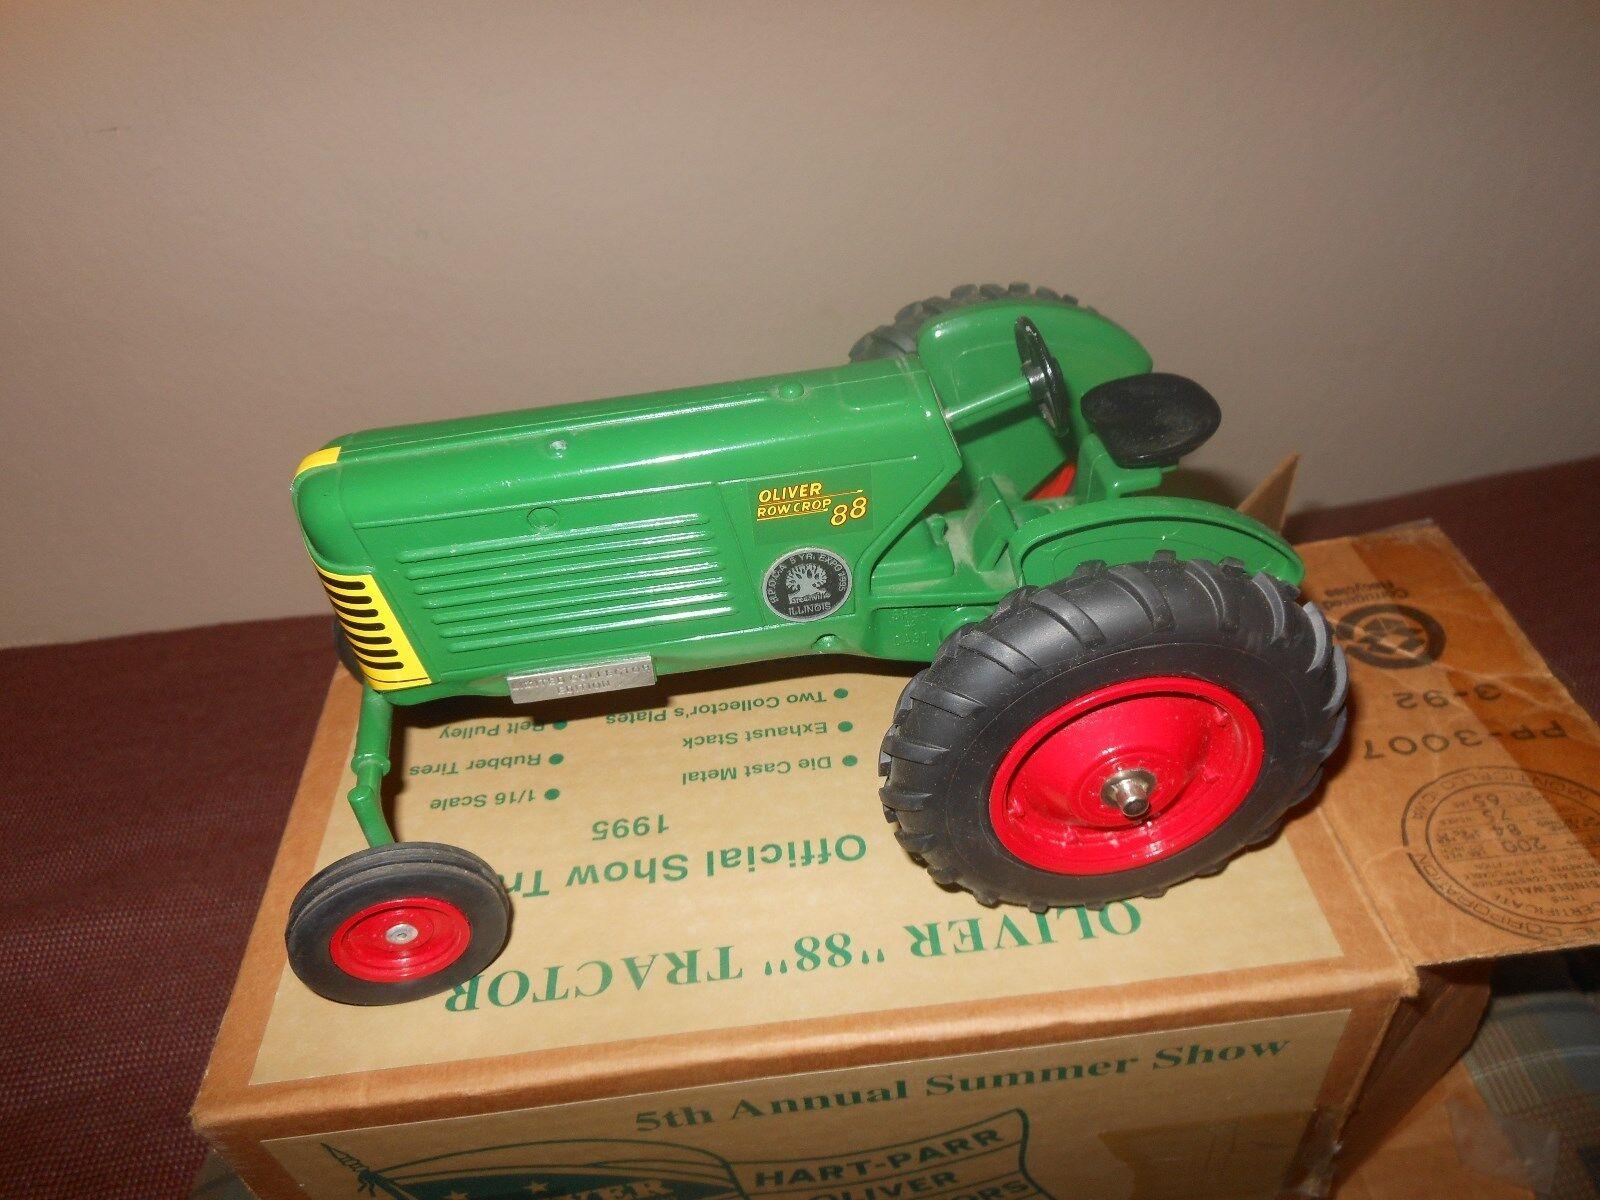 Oliver 88 spielzeug traktor (moline, weiße) (1   16), ausgabe 1995